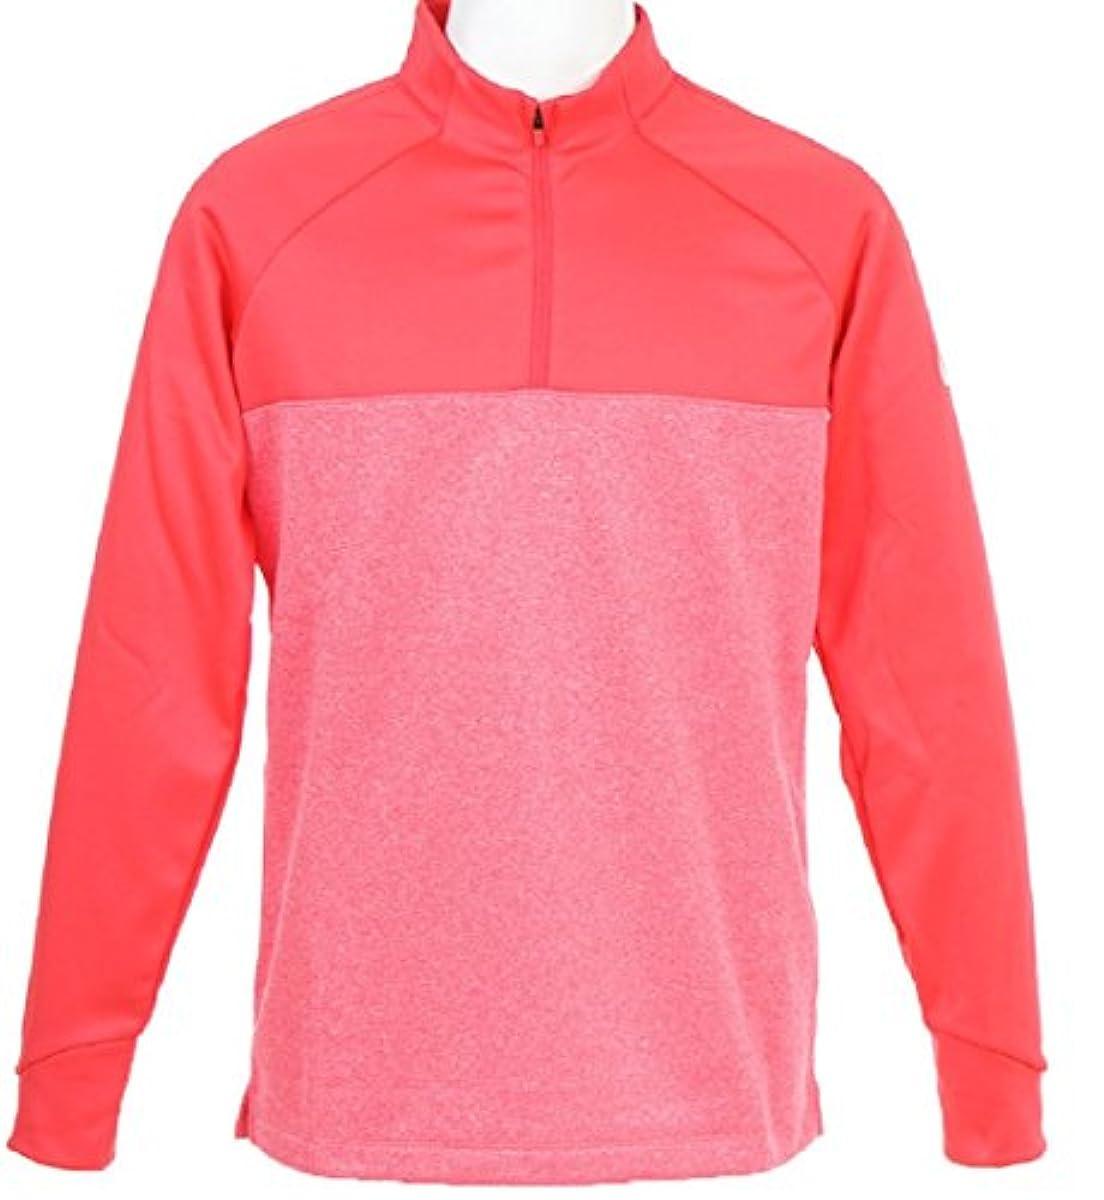 [해외] NIKE 나이키 긴 소매 트레이너 골프 재킷 THERMA 코어 허프 ZIP 톱 X엘사이즈(176-185CM) 국내 정규품 854499 싸이렌 레드